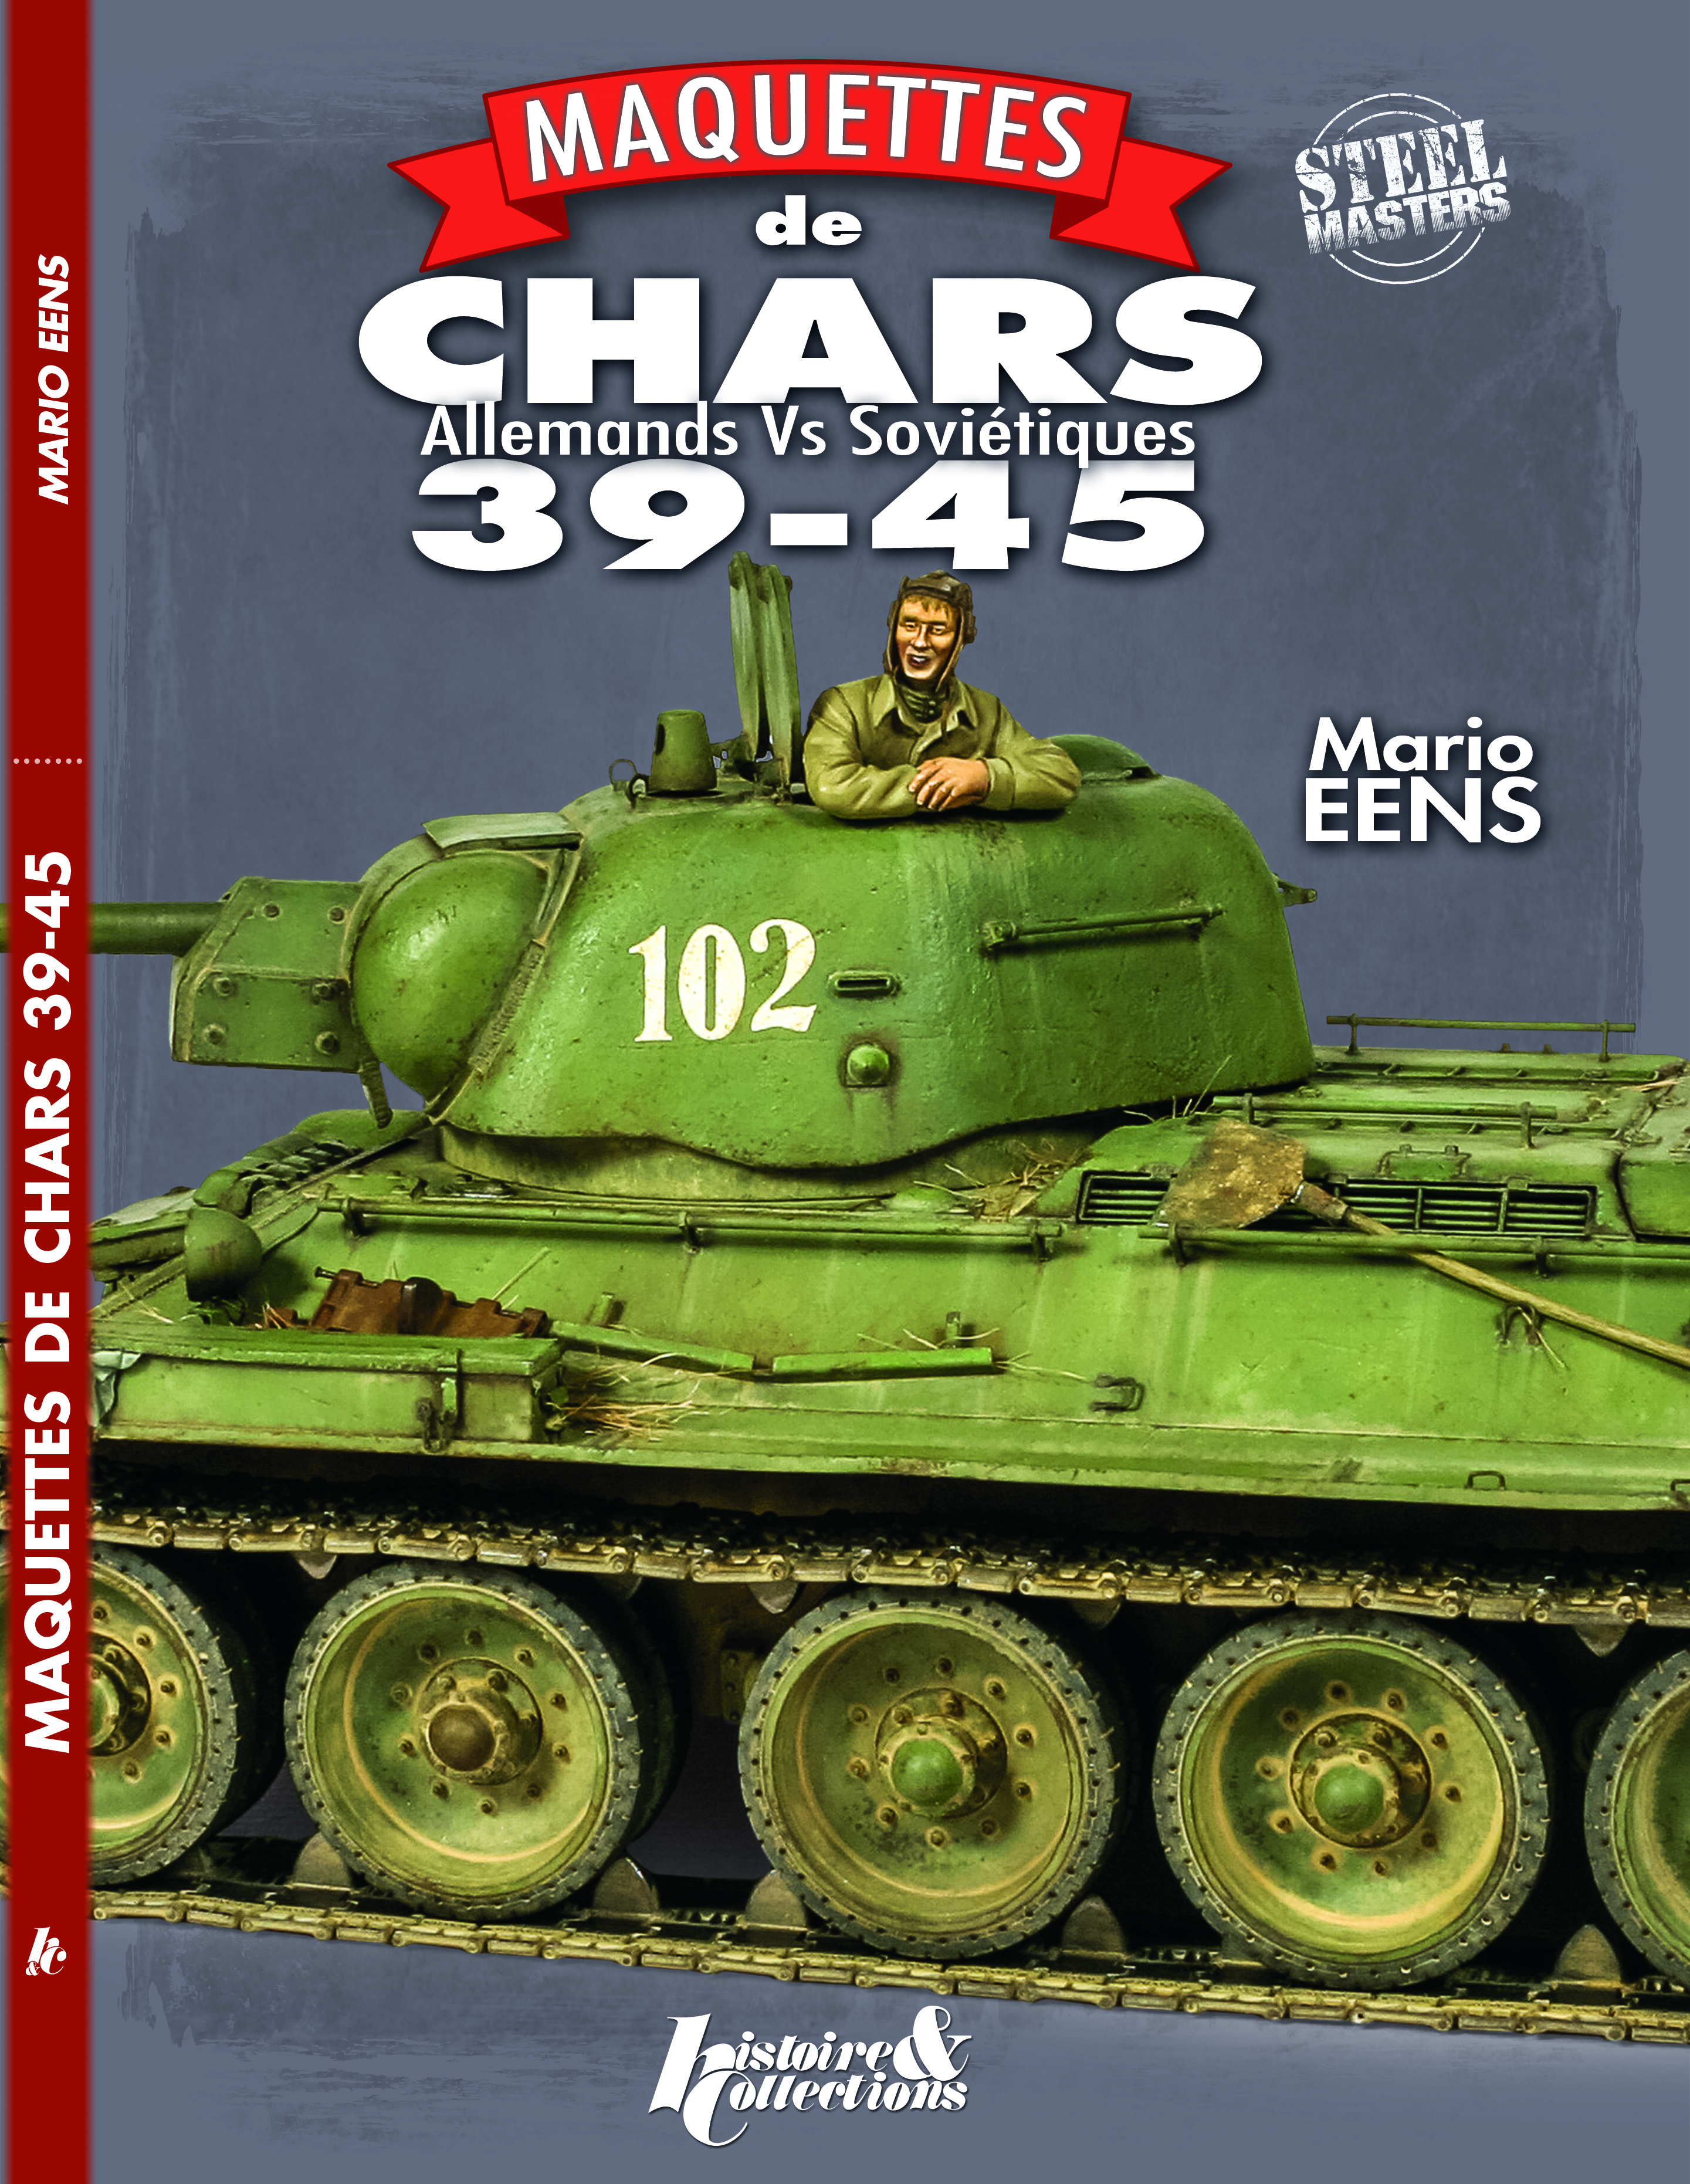 LES MAQUETTES DE CHARS 39-45